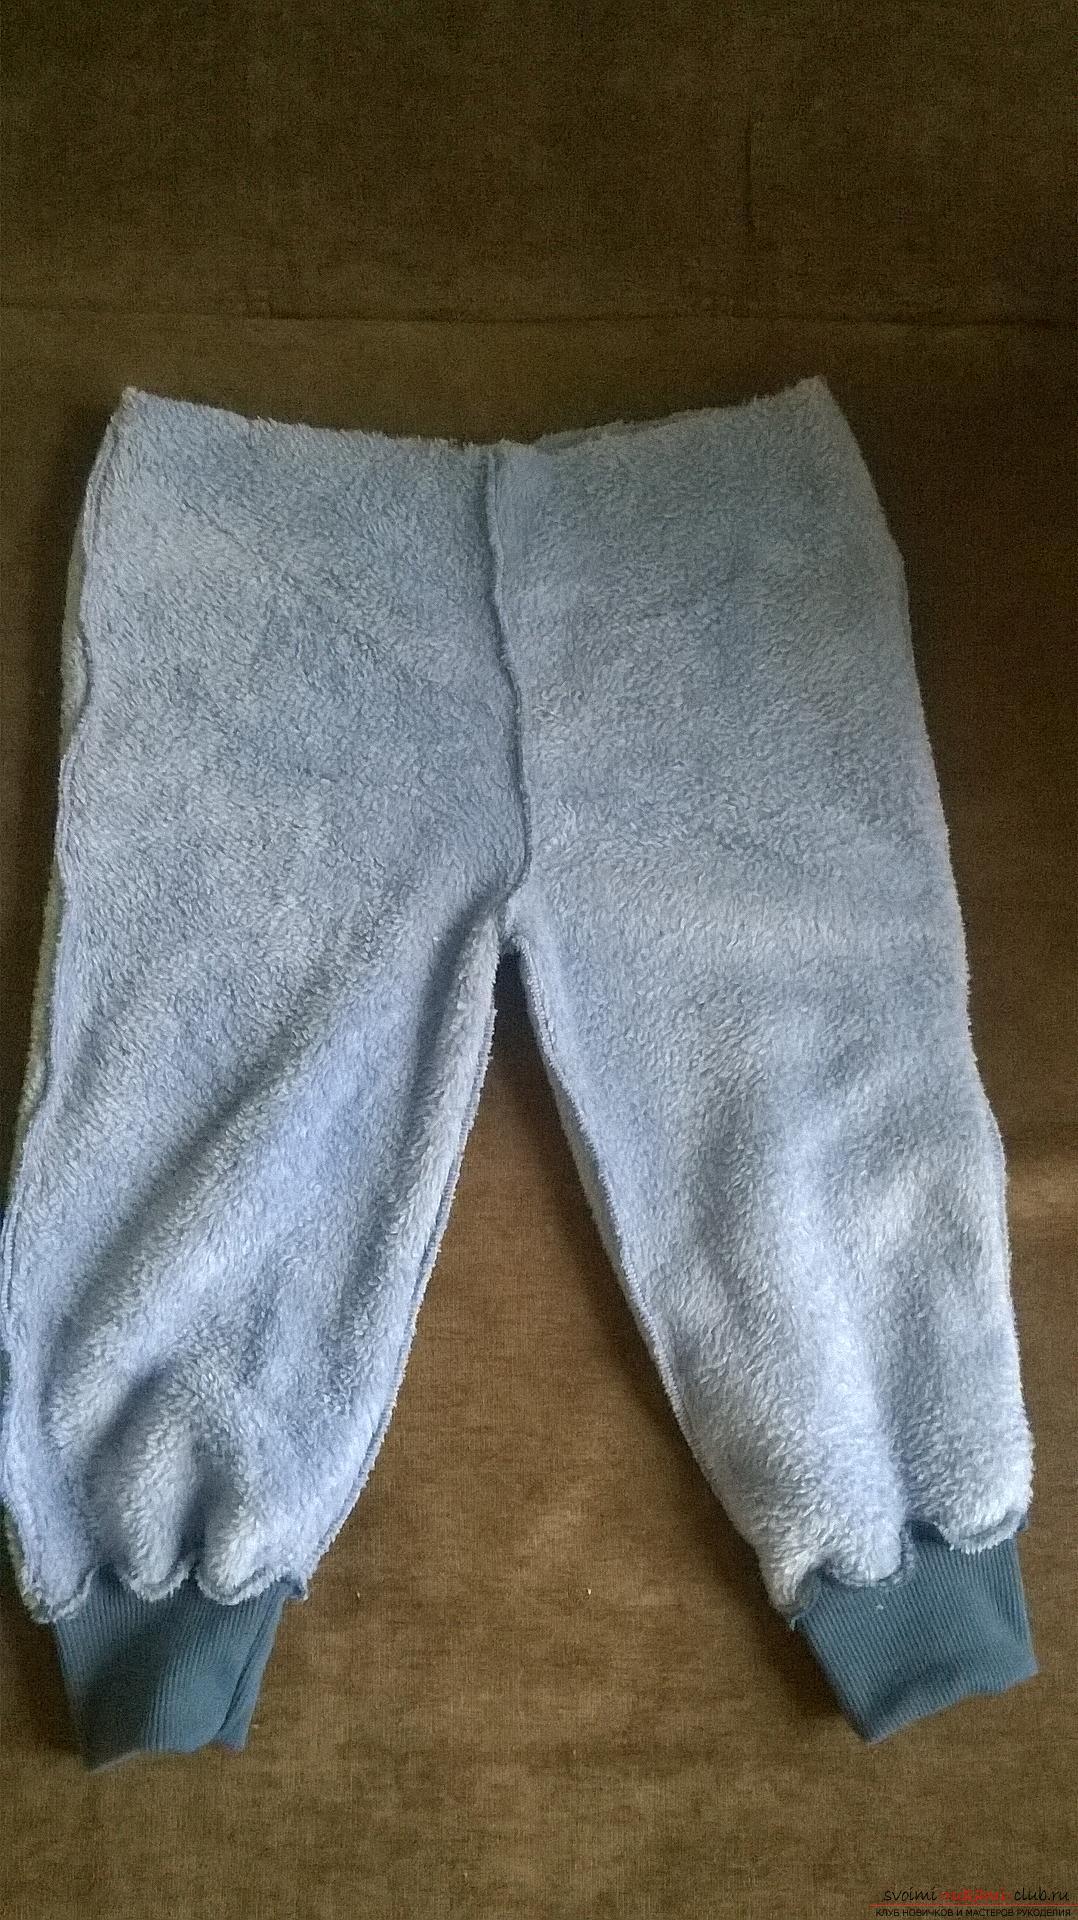 Эта статья рассказывает как сшить теплые и удобные штаны для мальчика на резинке. Фото №8